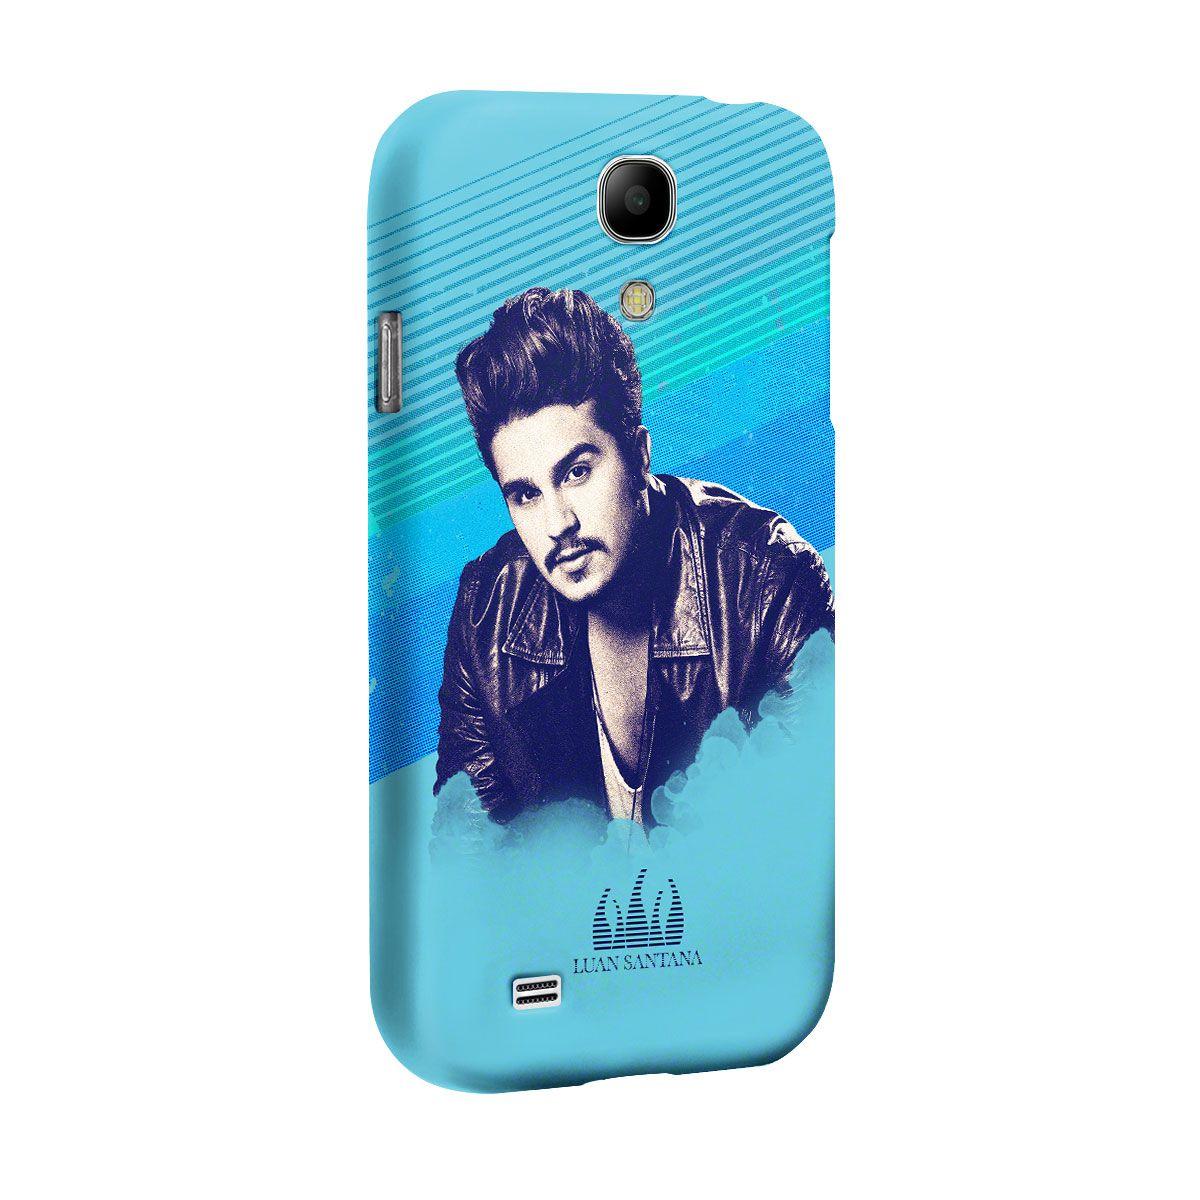 Capa para Celular Samsung Galaxy S4 Luan Santana Sky